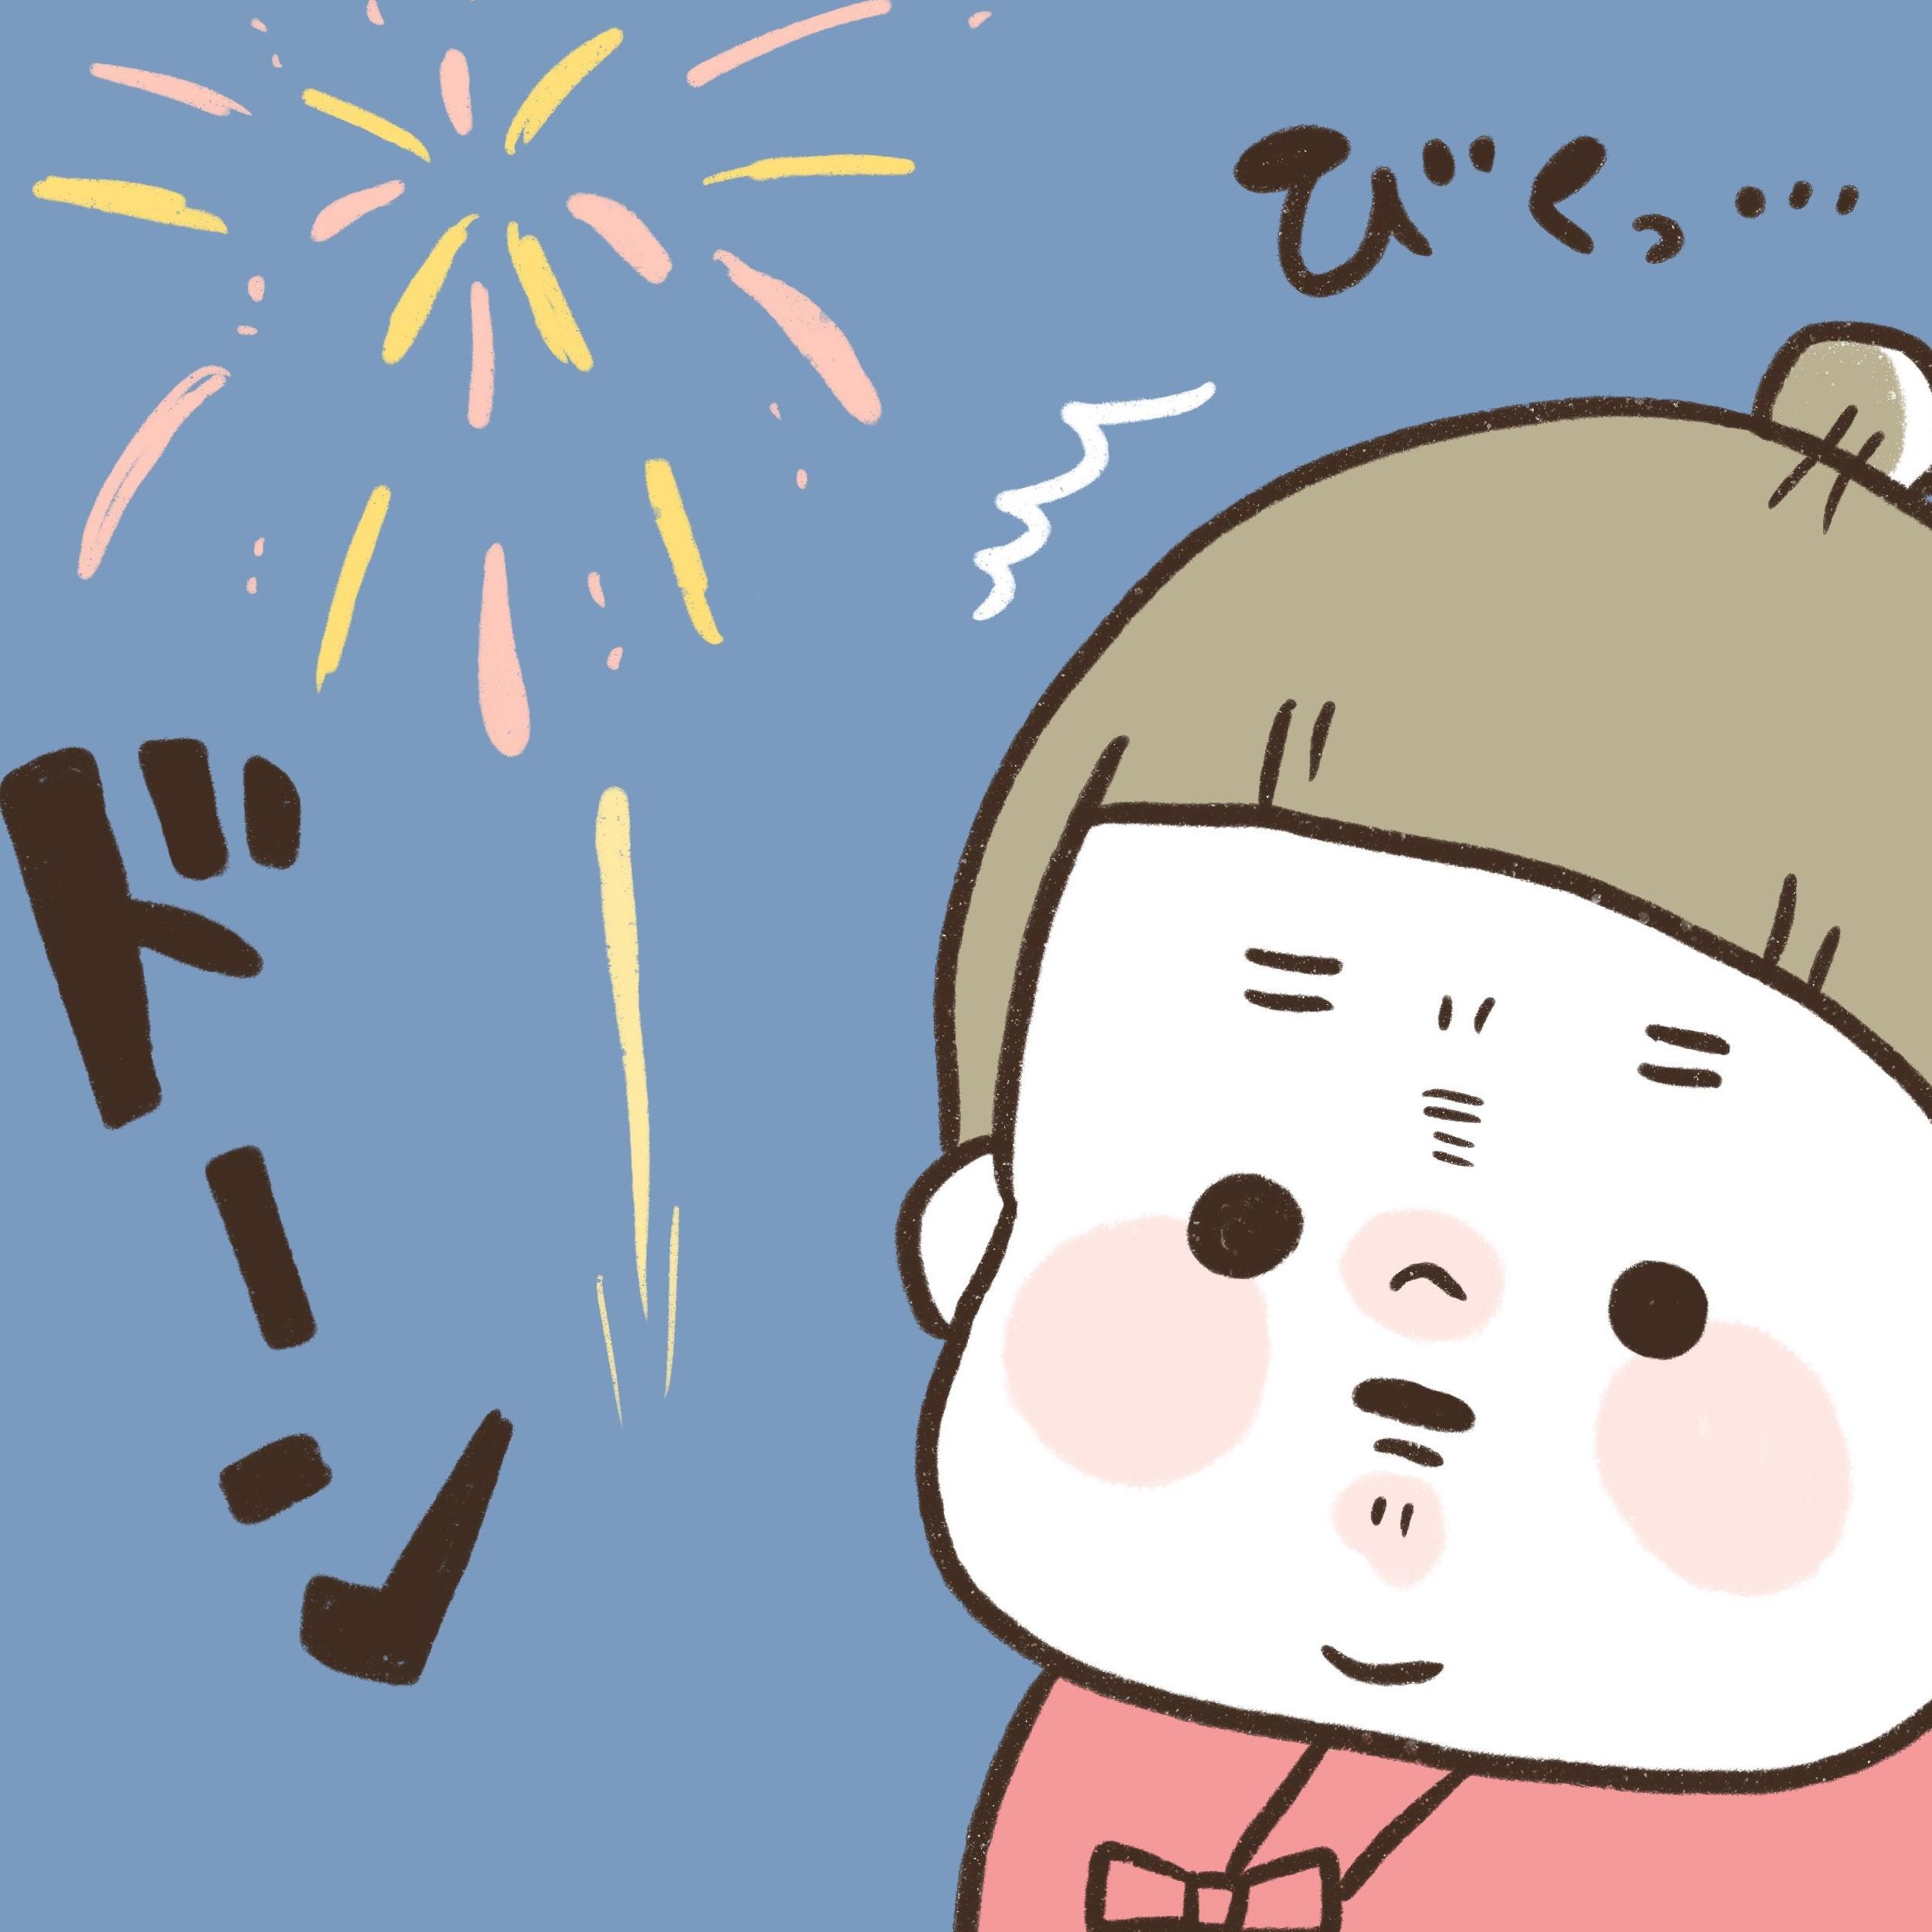 初めての花火大会!娘の反応は…? マイペースうぴちゃん日誌#16